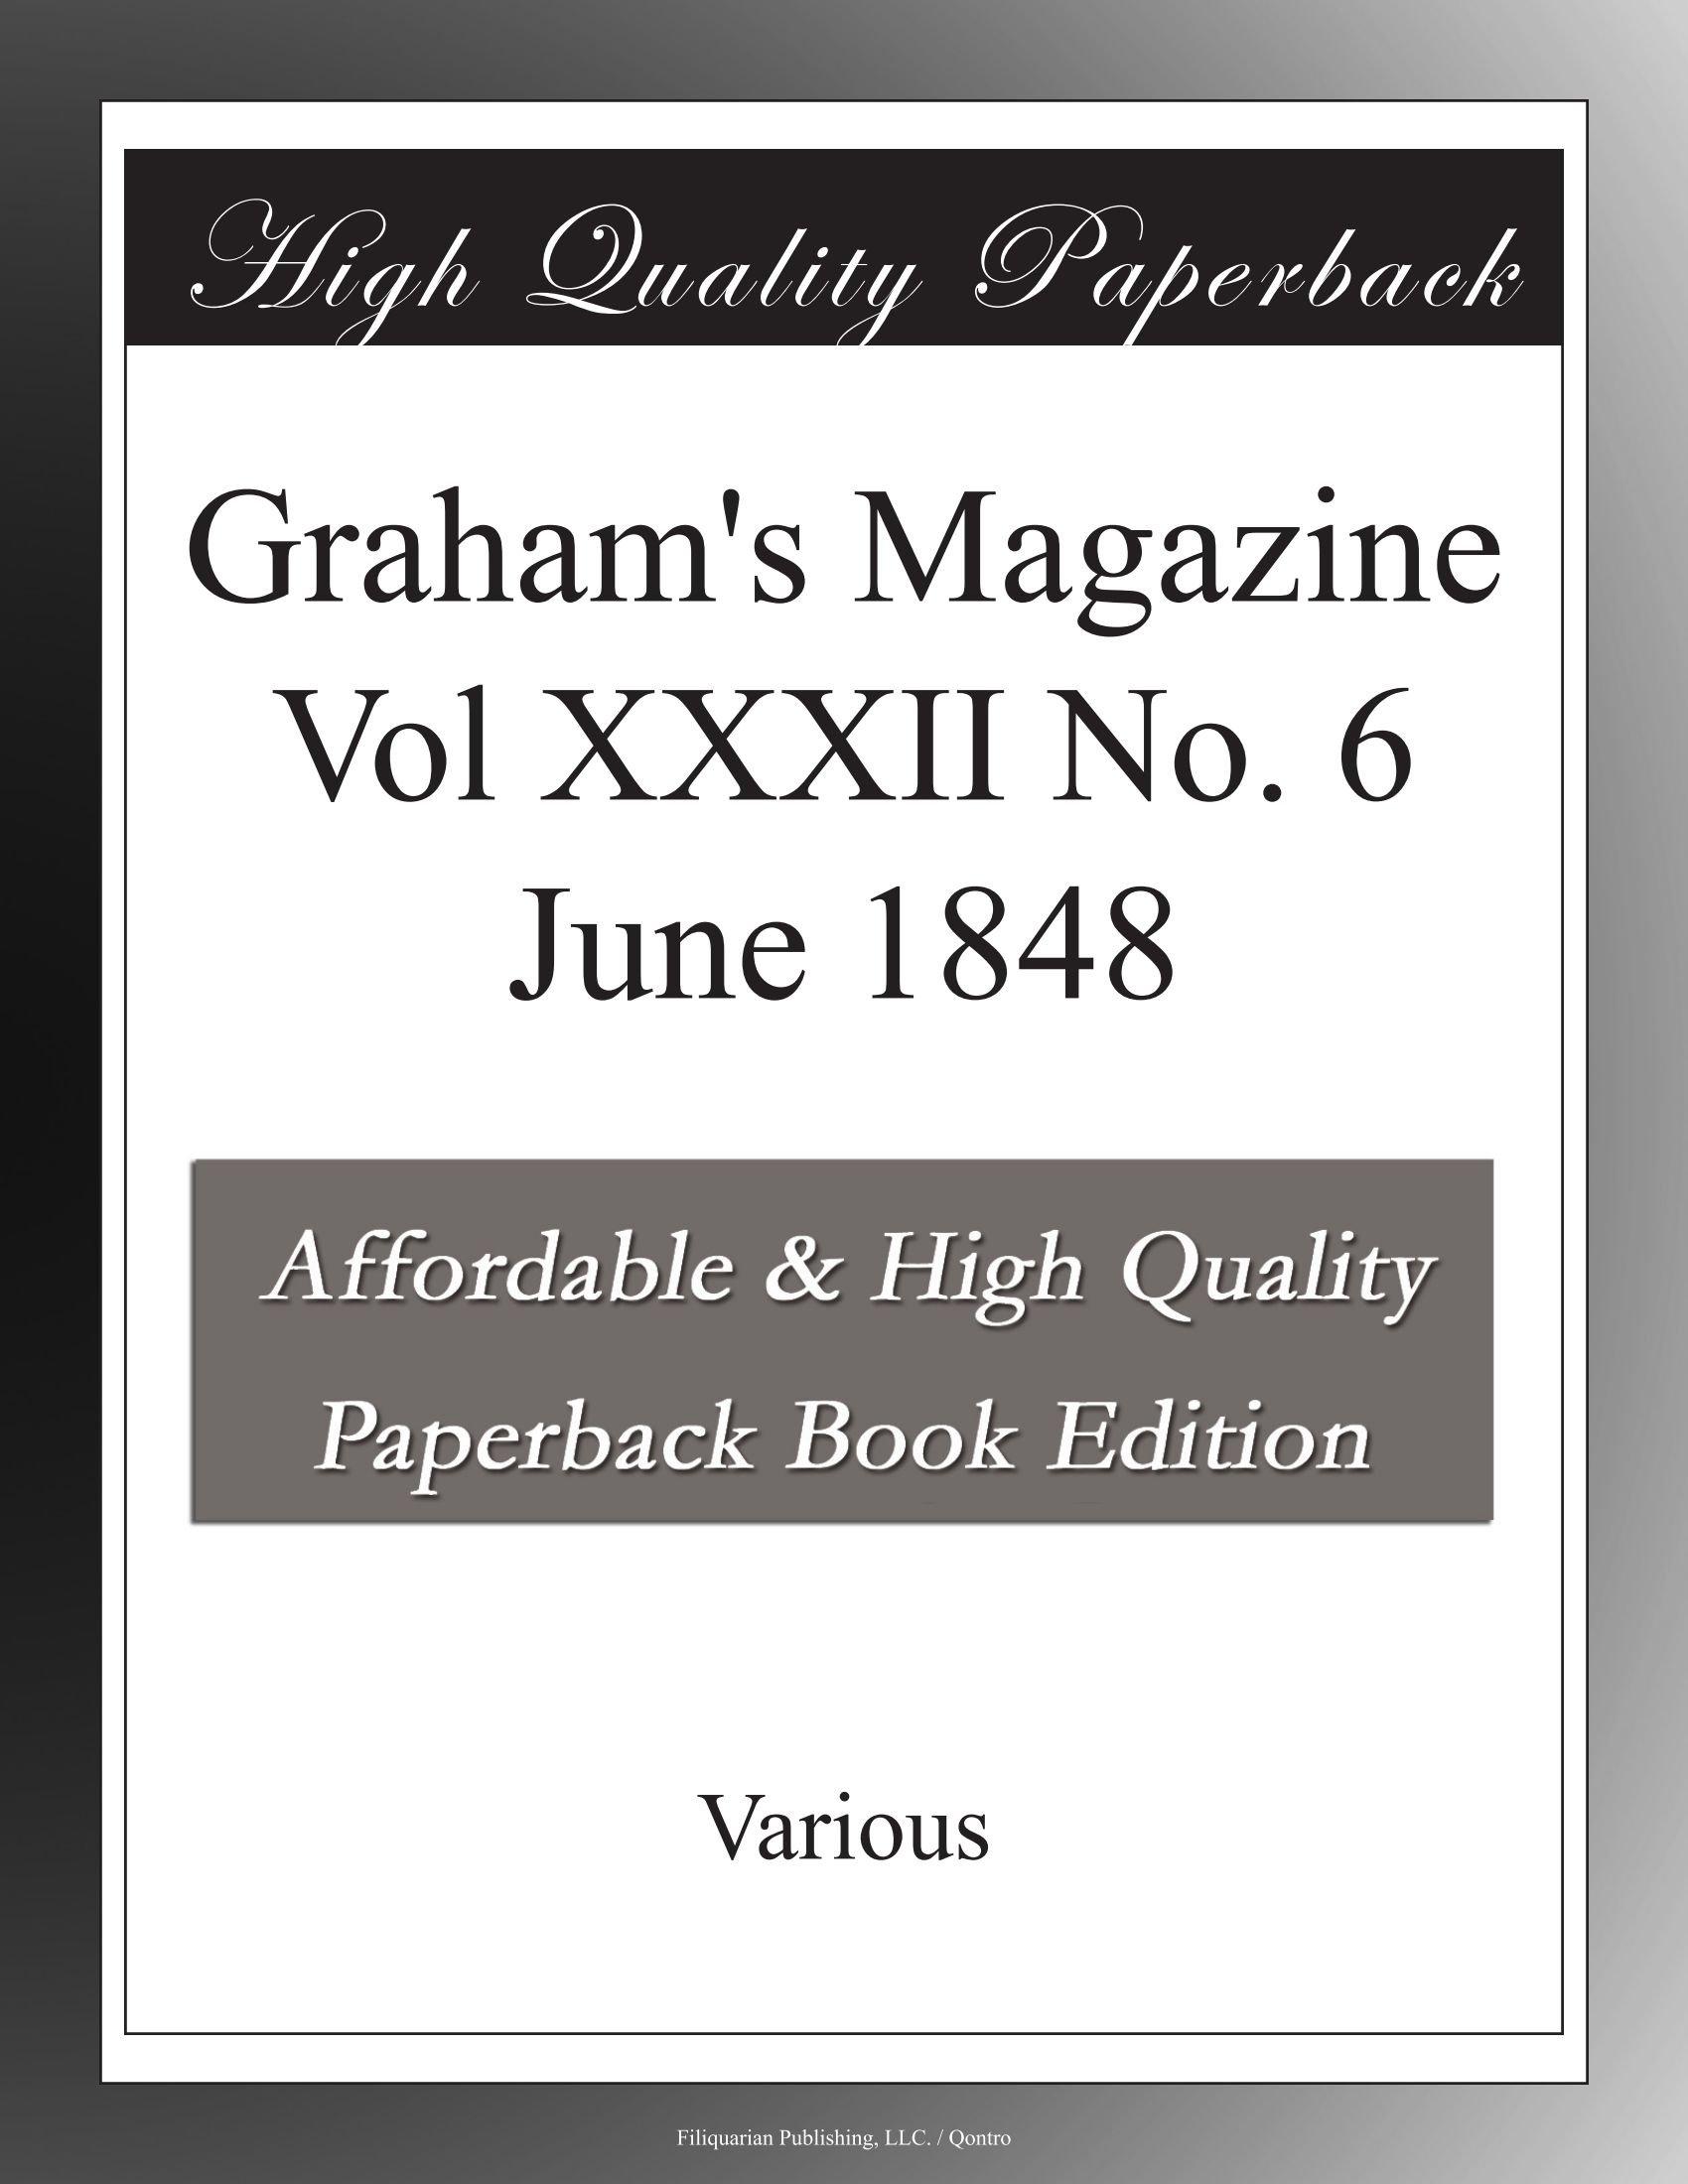 Graham's Magazine Vol XXXII No. 6 June 1848 ebook